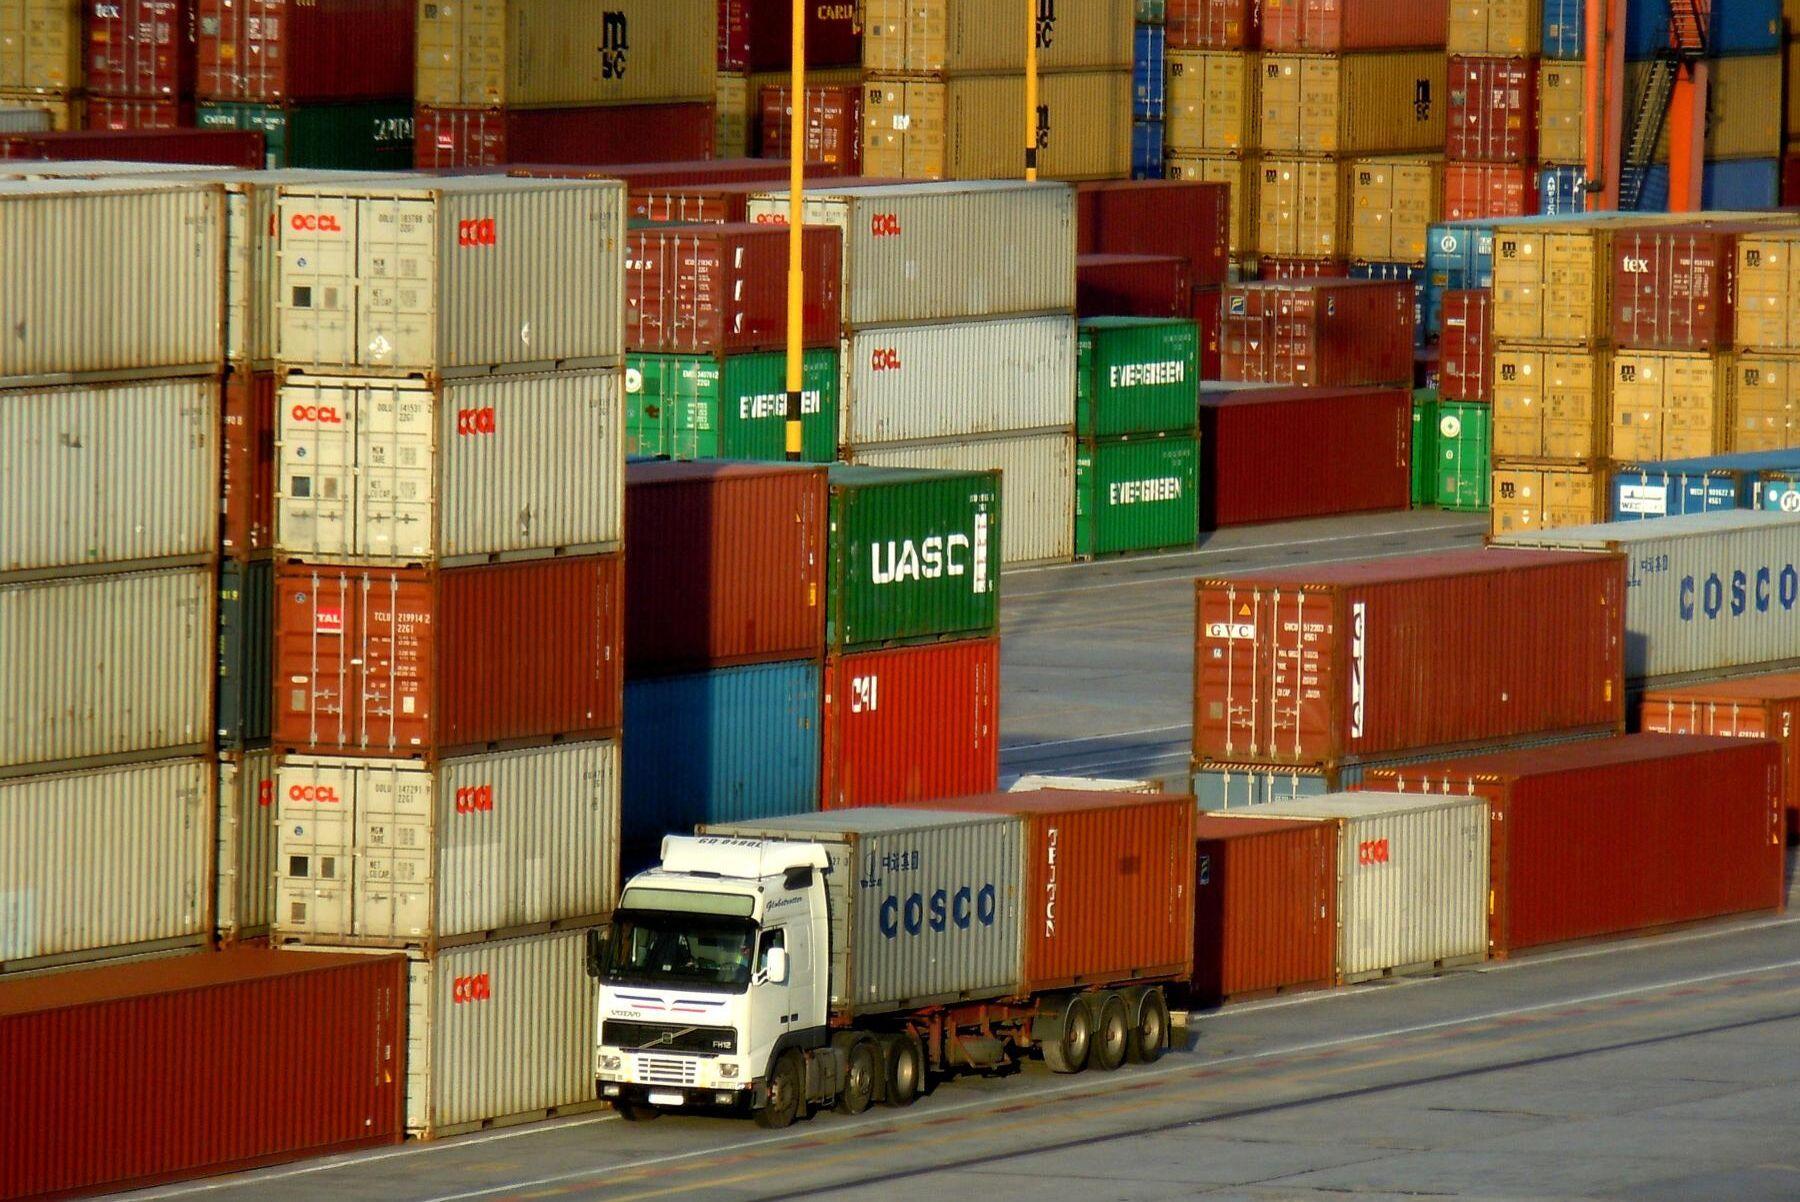 Både export och import av jordbruksprodukter väntas öka med de handelsavtal som EU nyligen har slutit och har under förhandling.